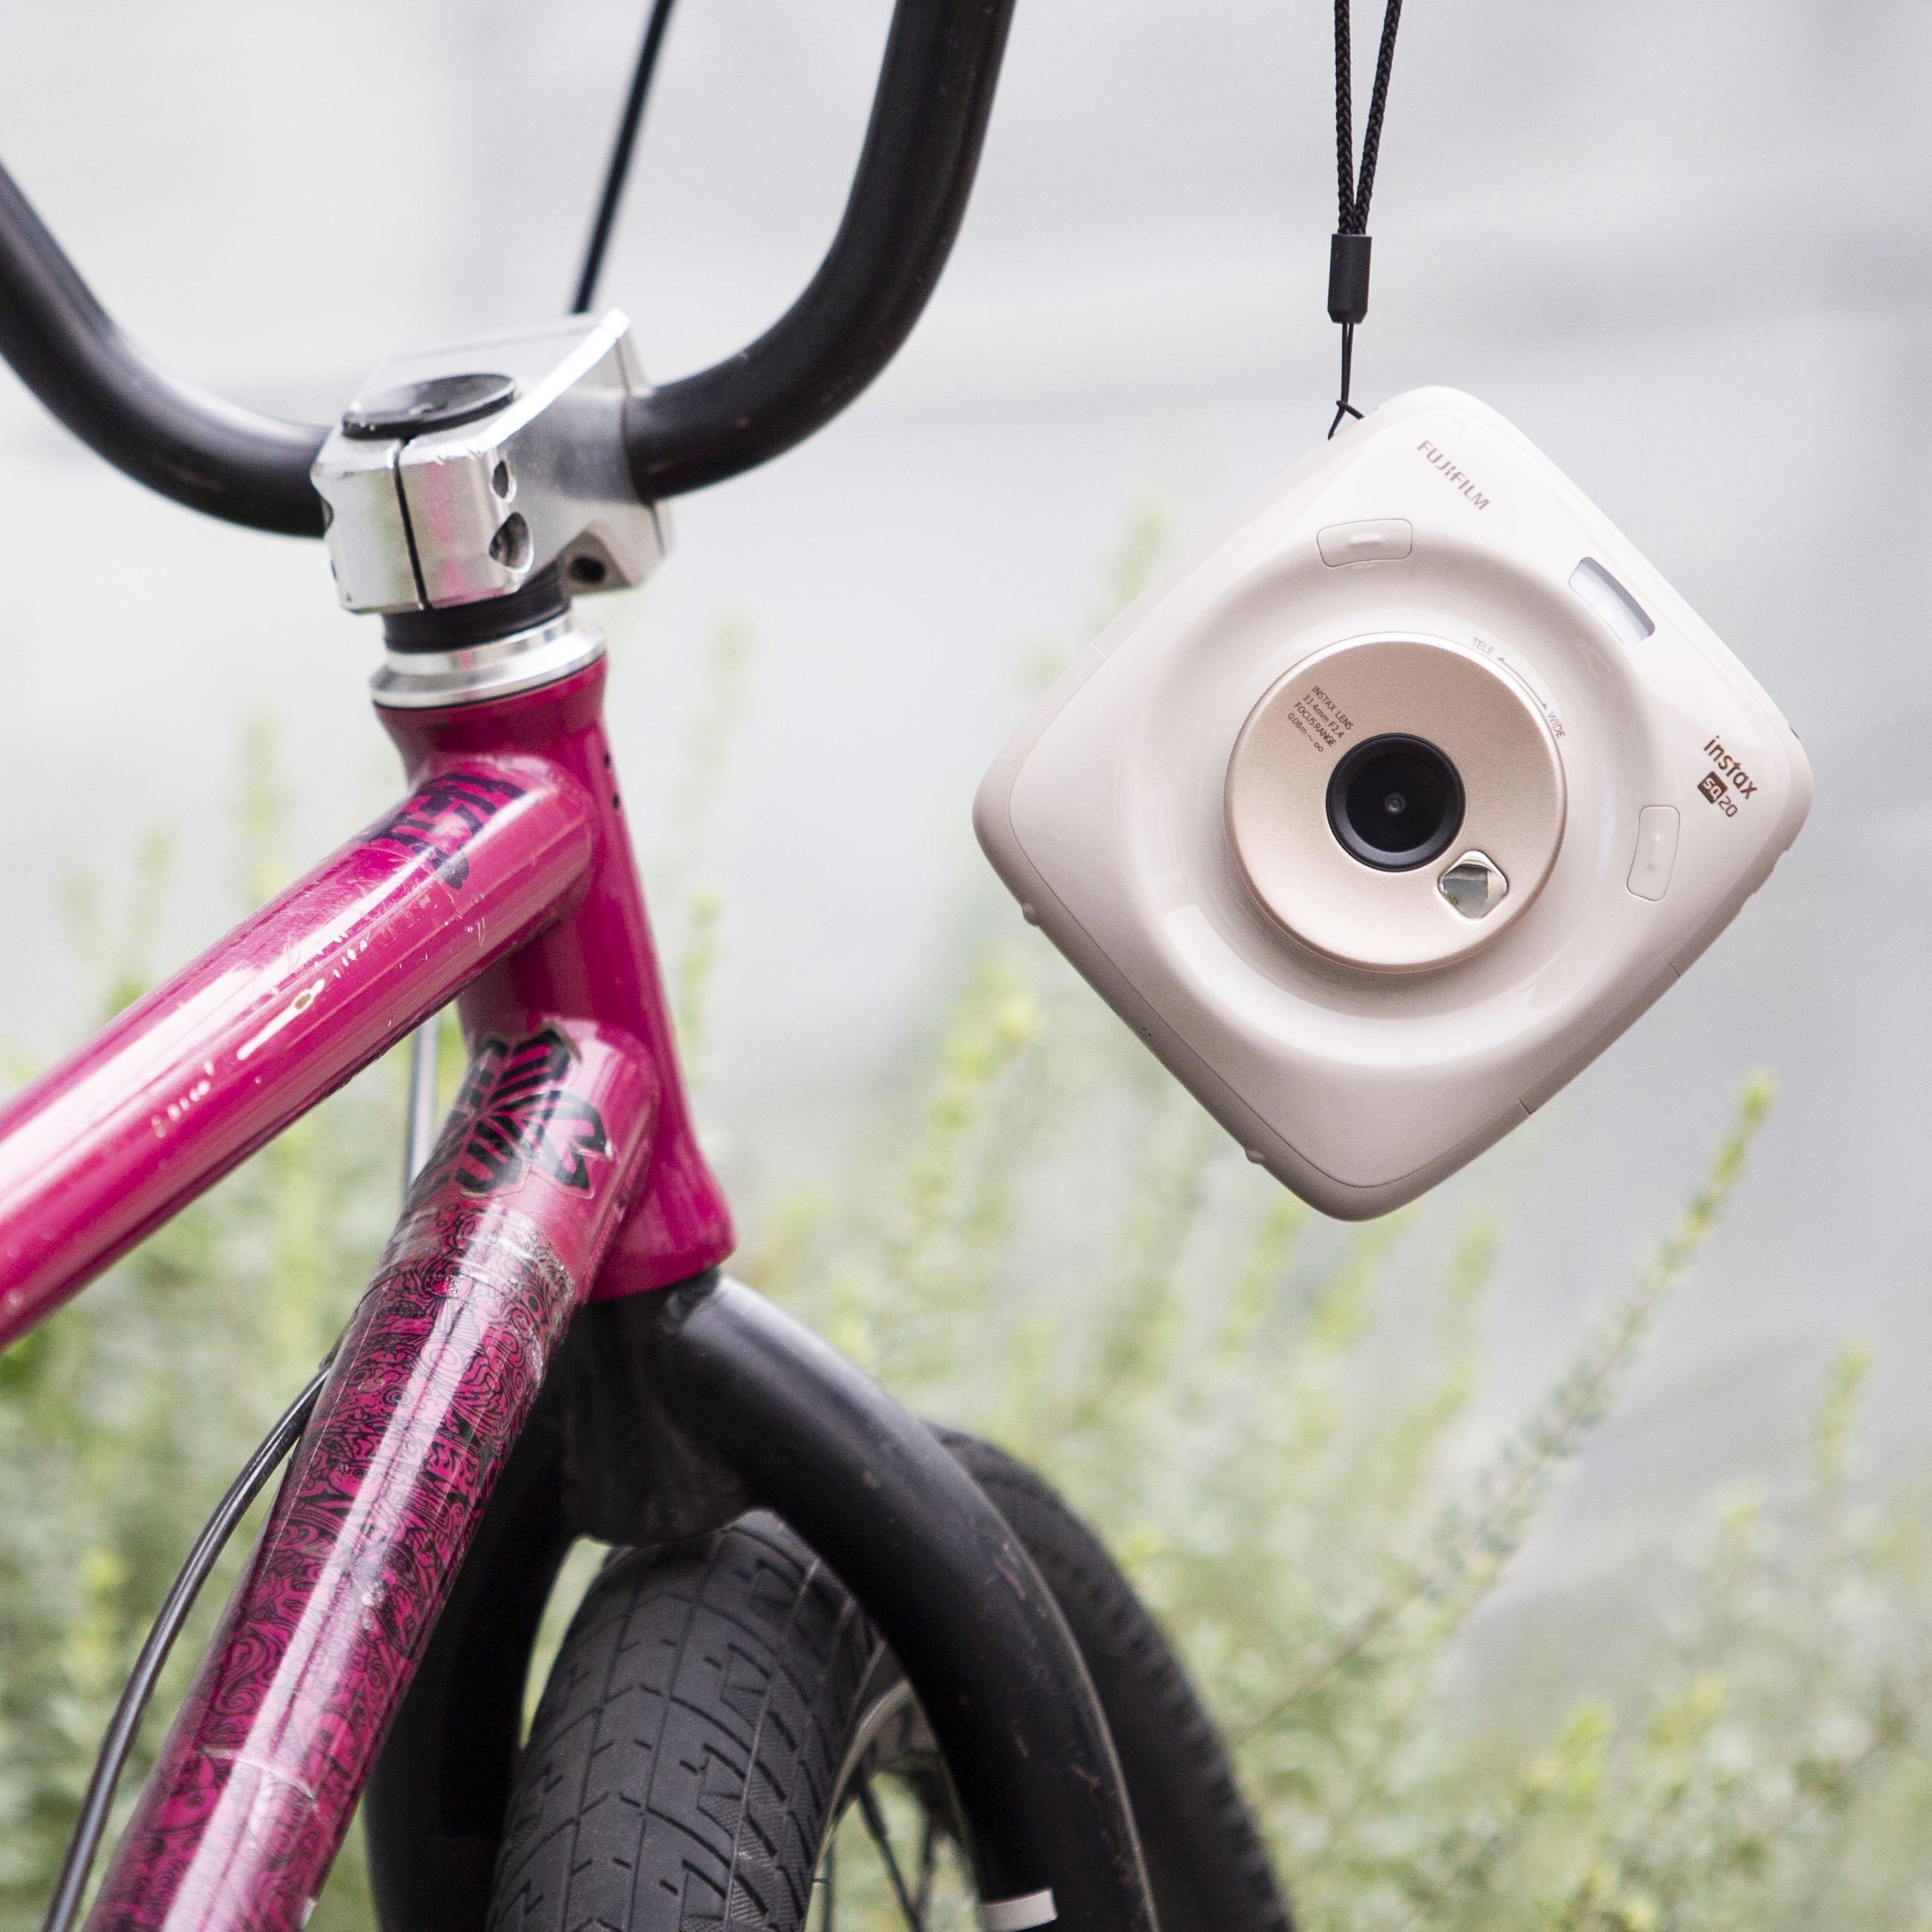 Béžový instantní fotoaparát SQ20